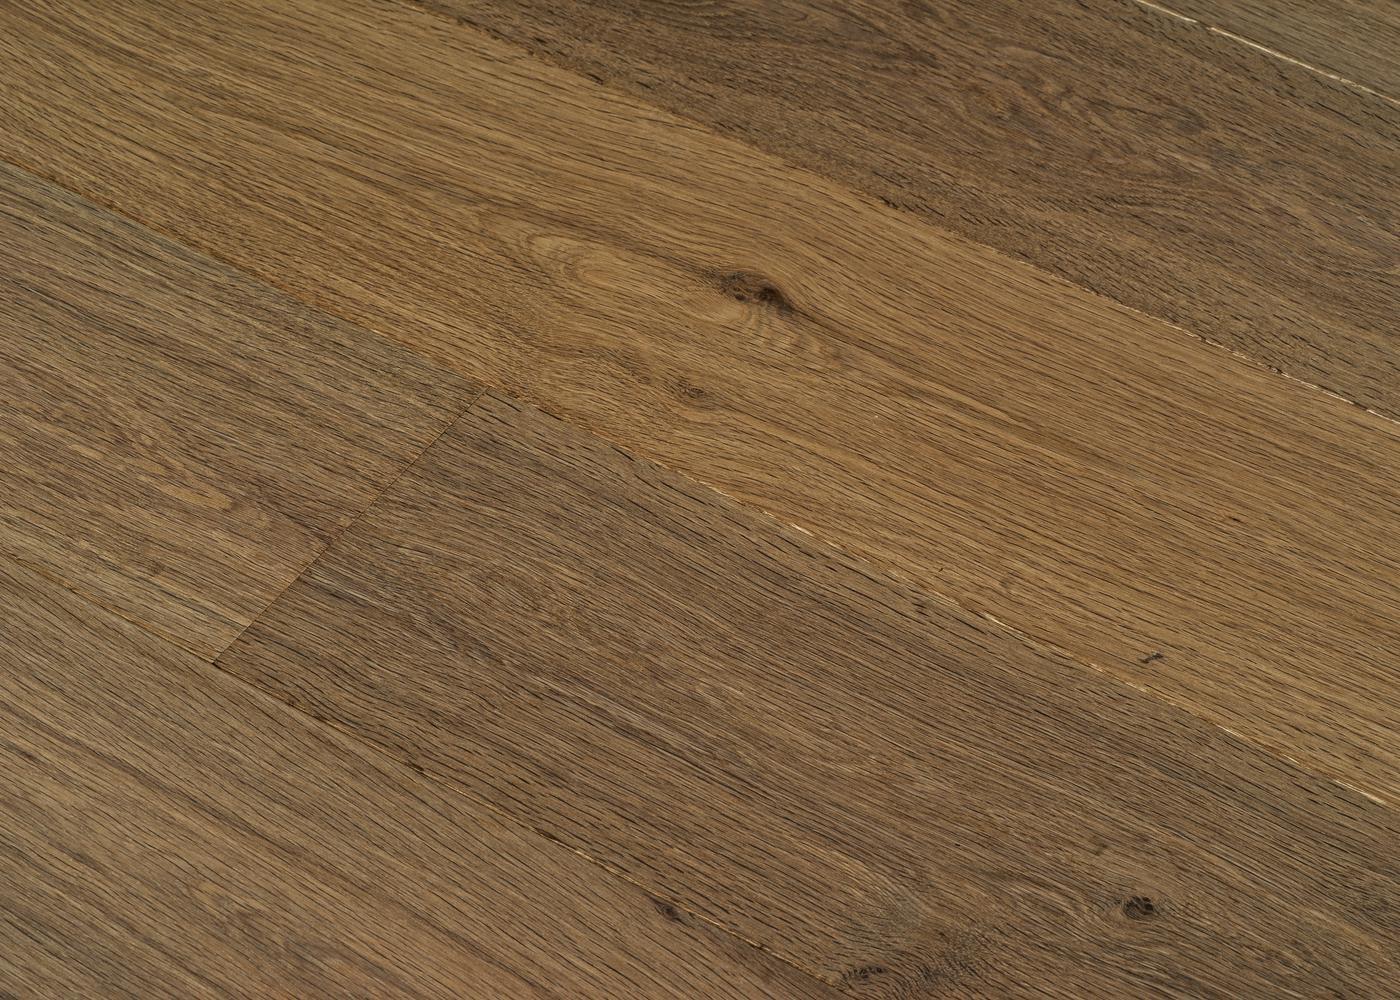 Parquet chêne contrecollé BASALTE huile cire Mélange 50% PRBis, 50% Matière 12x160x1100-2200